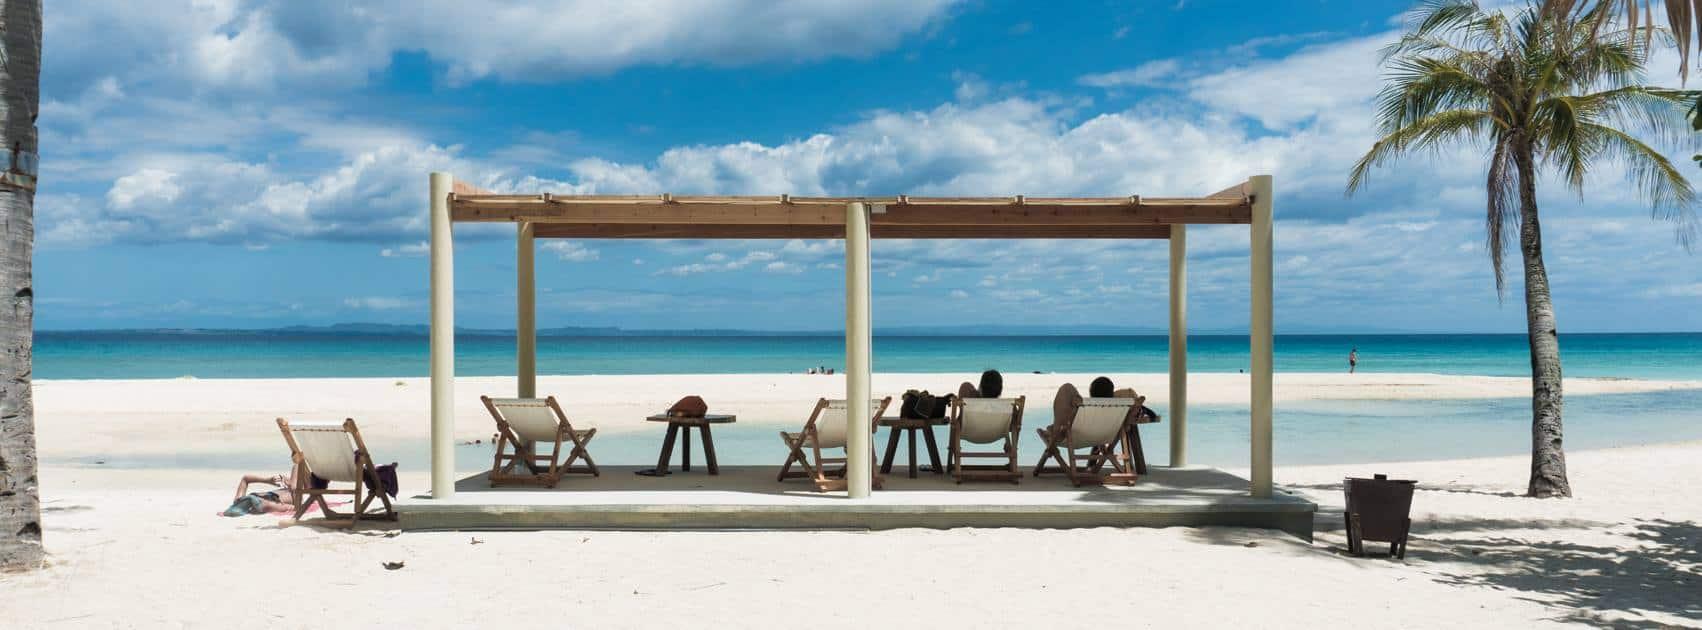 Kota Beach Resort Bantayan (1)